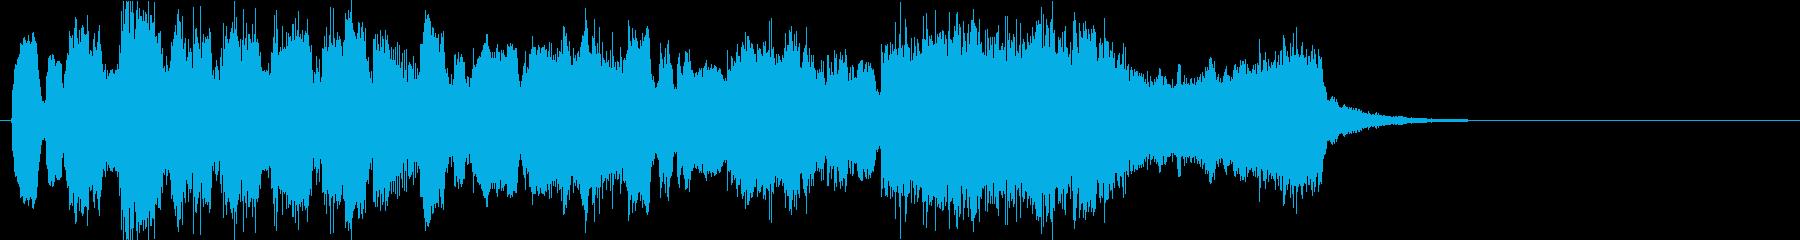 達成感あるファンファーレの再生済みの波形